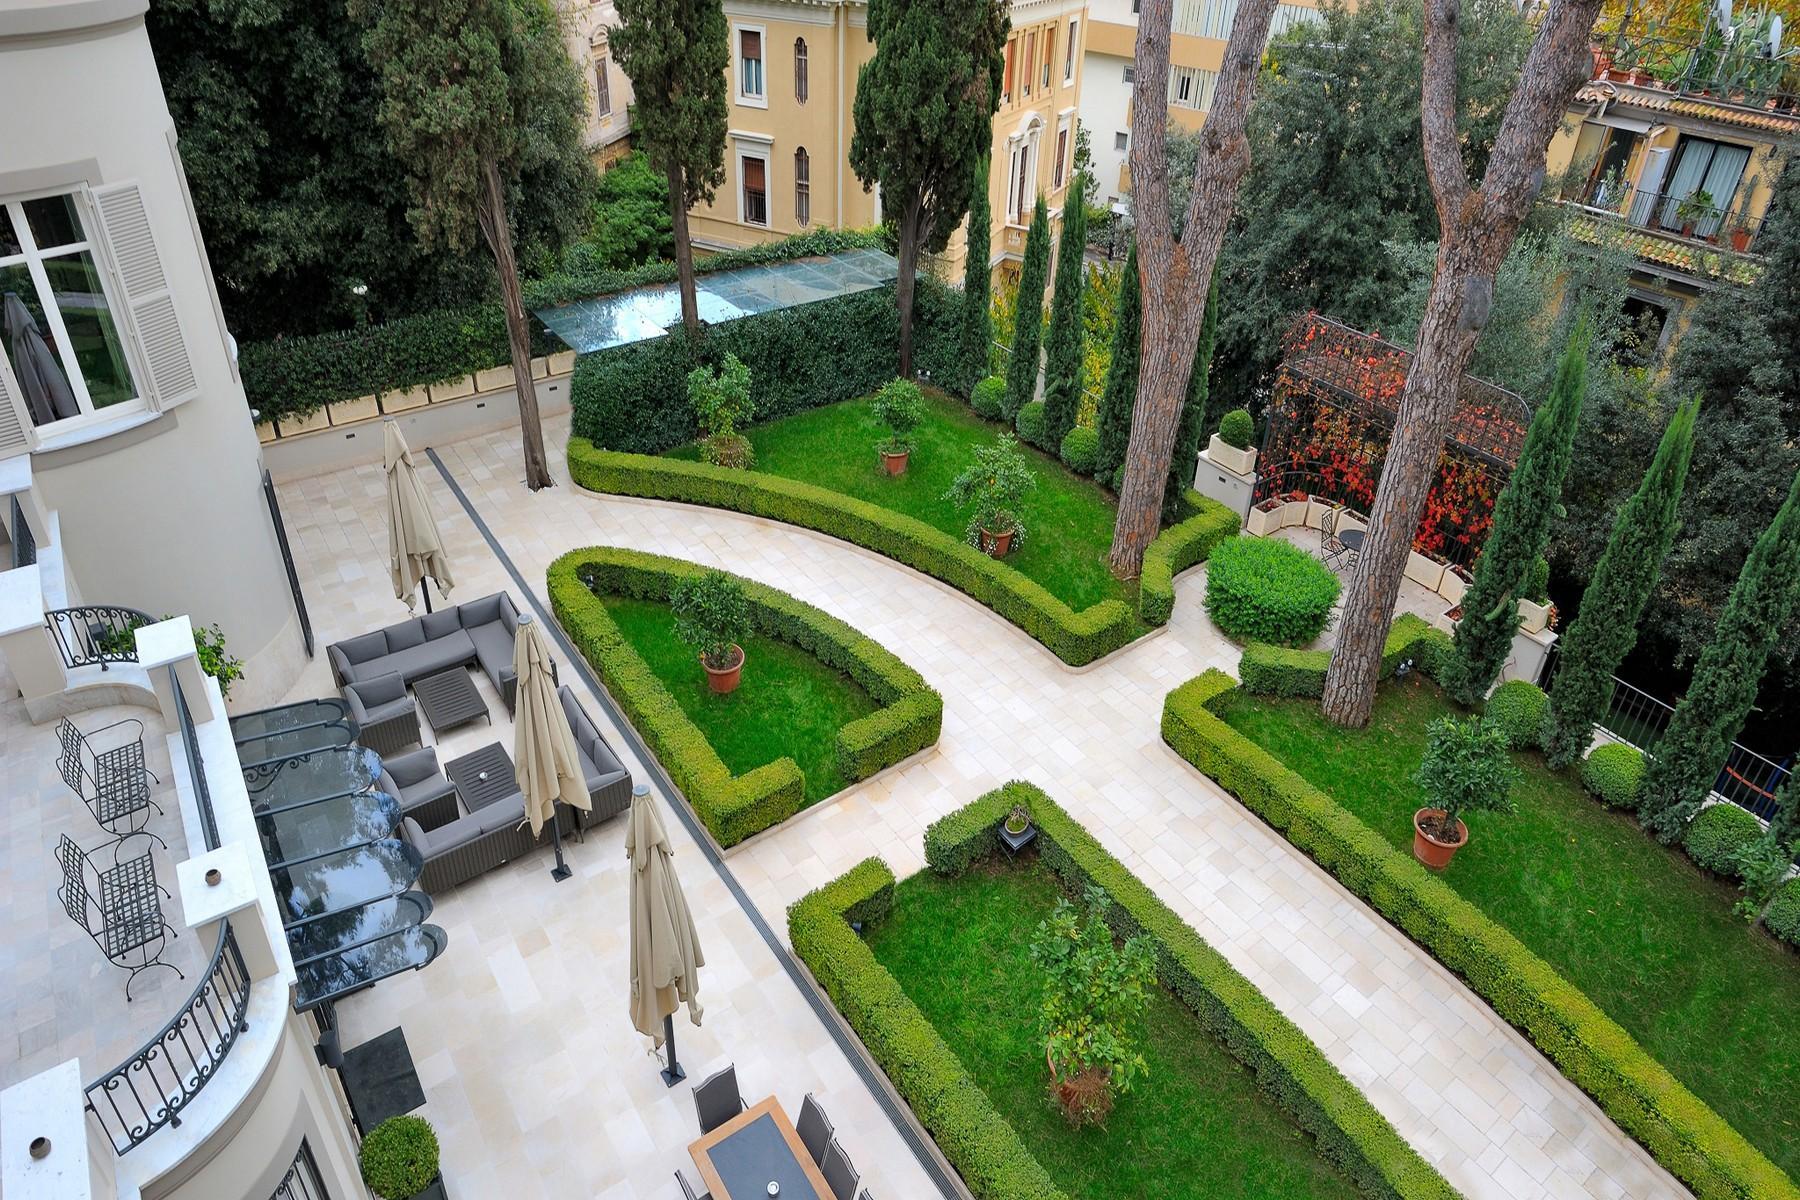 绿色罗马市中心内富有格调和风格的别墅 - 3